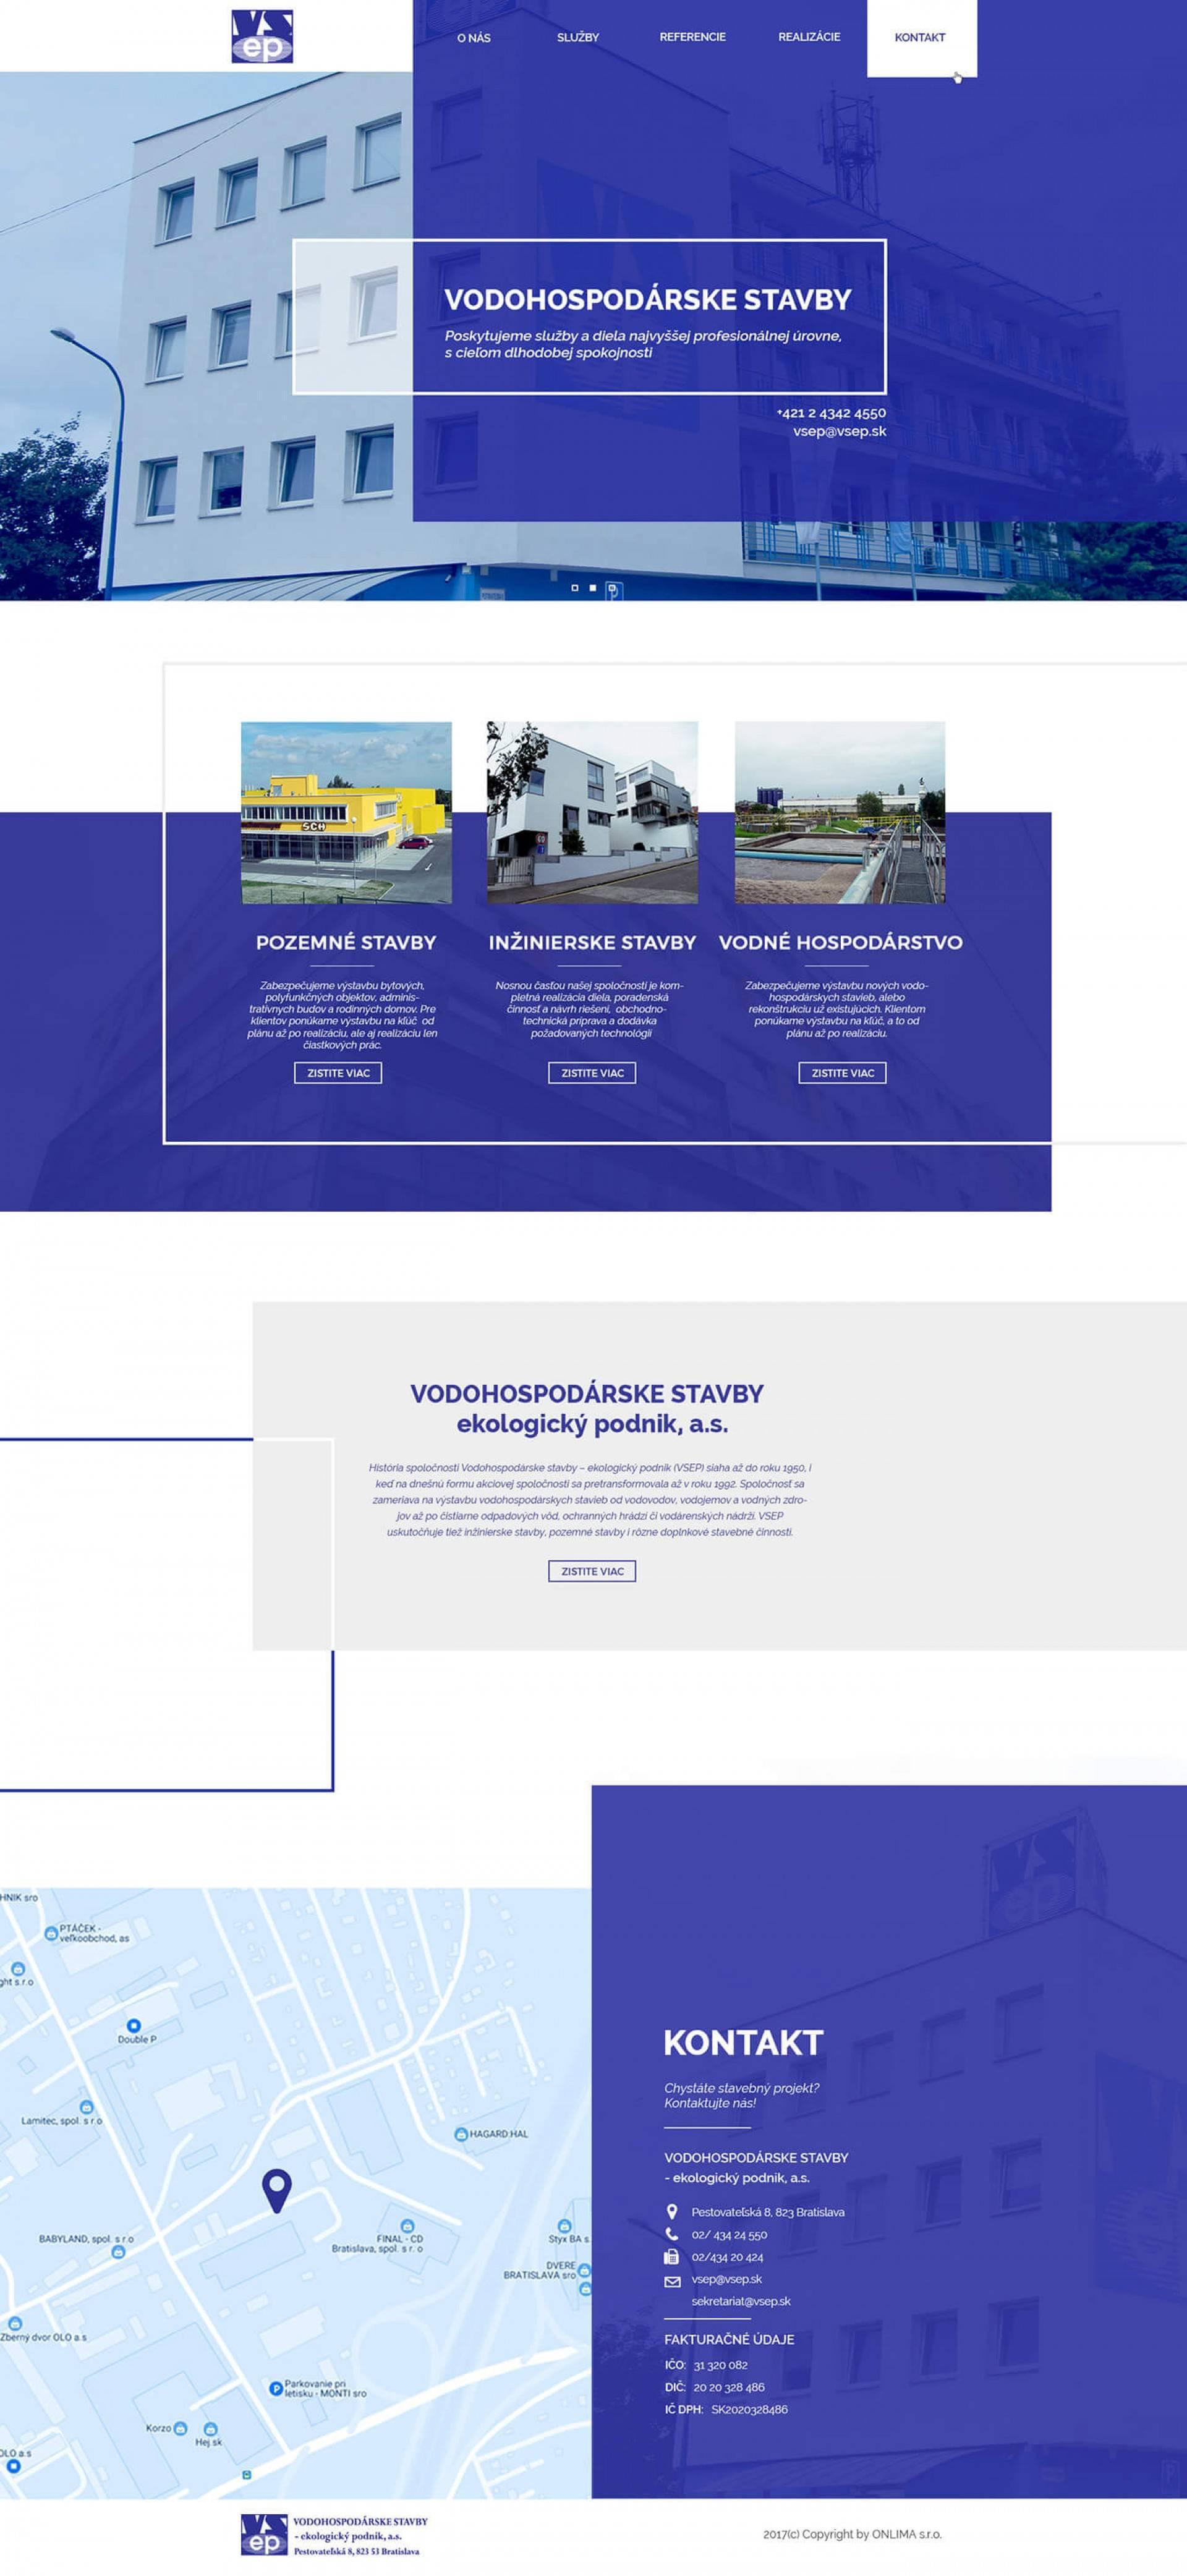 Vodohospodárske stavby - ekologický podnik